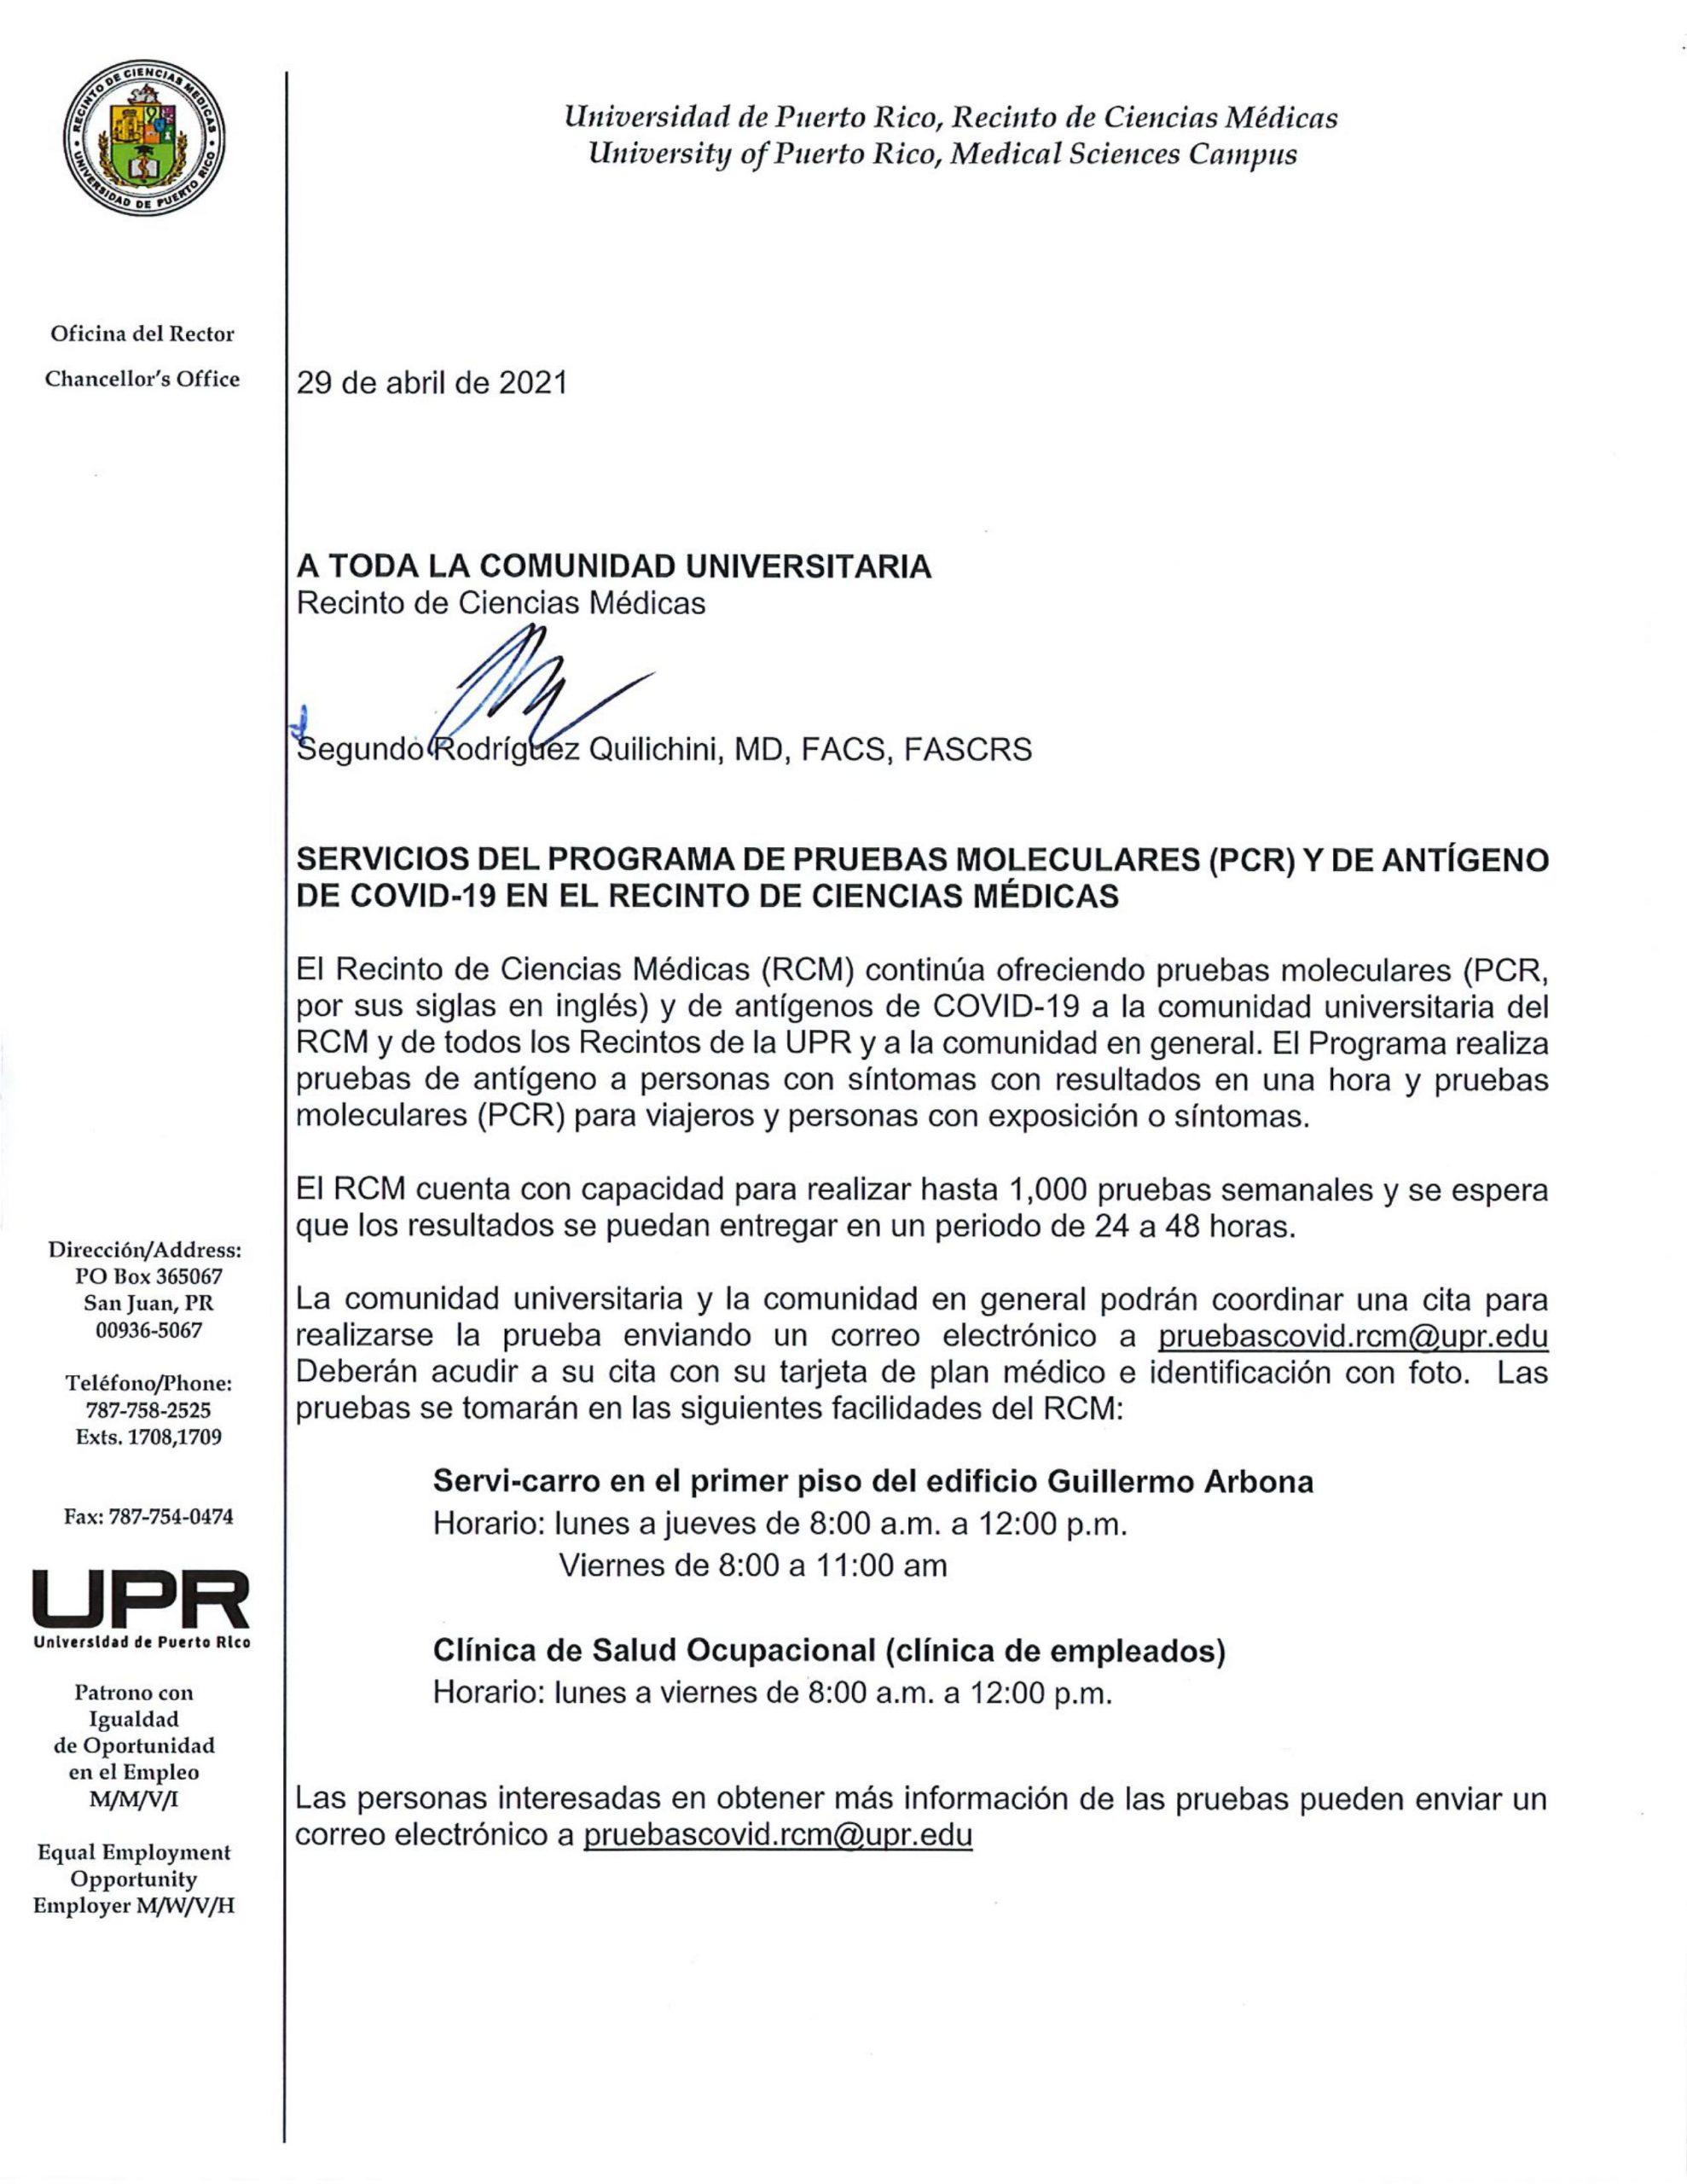 SERVICIOS-DEL-PROGRAMA-DE-PRUEBAS-MOLECULARES-Y-DE-ANTIGENO-DE-COVID-19-RCM